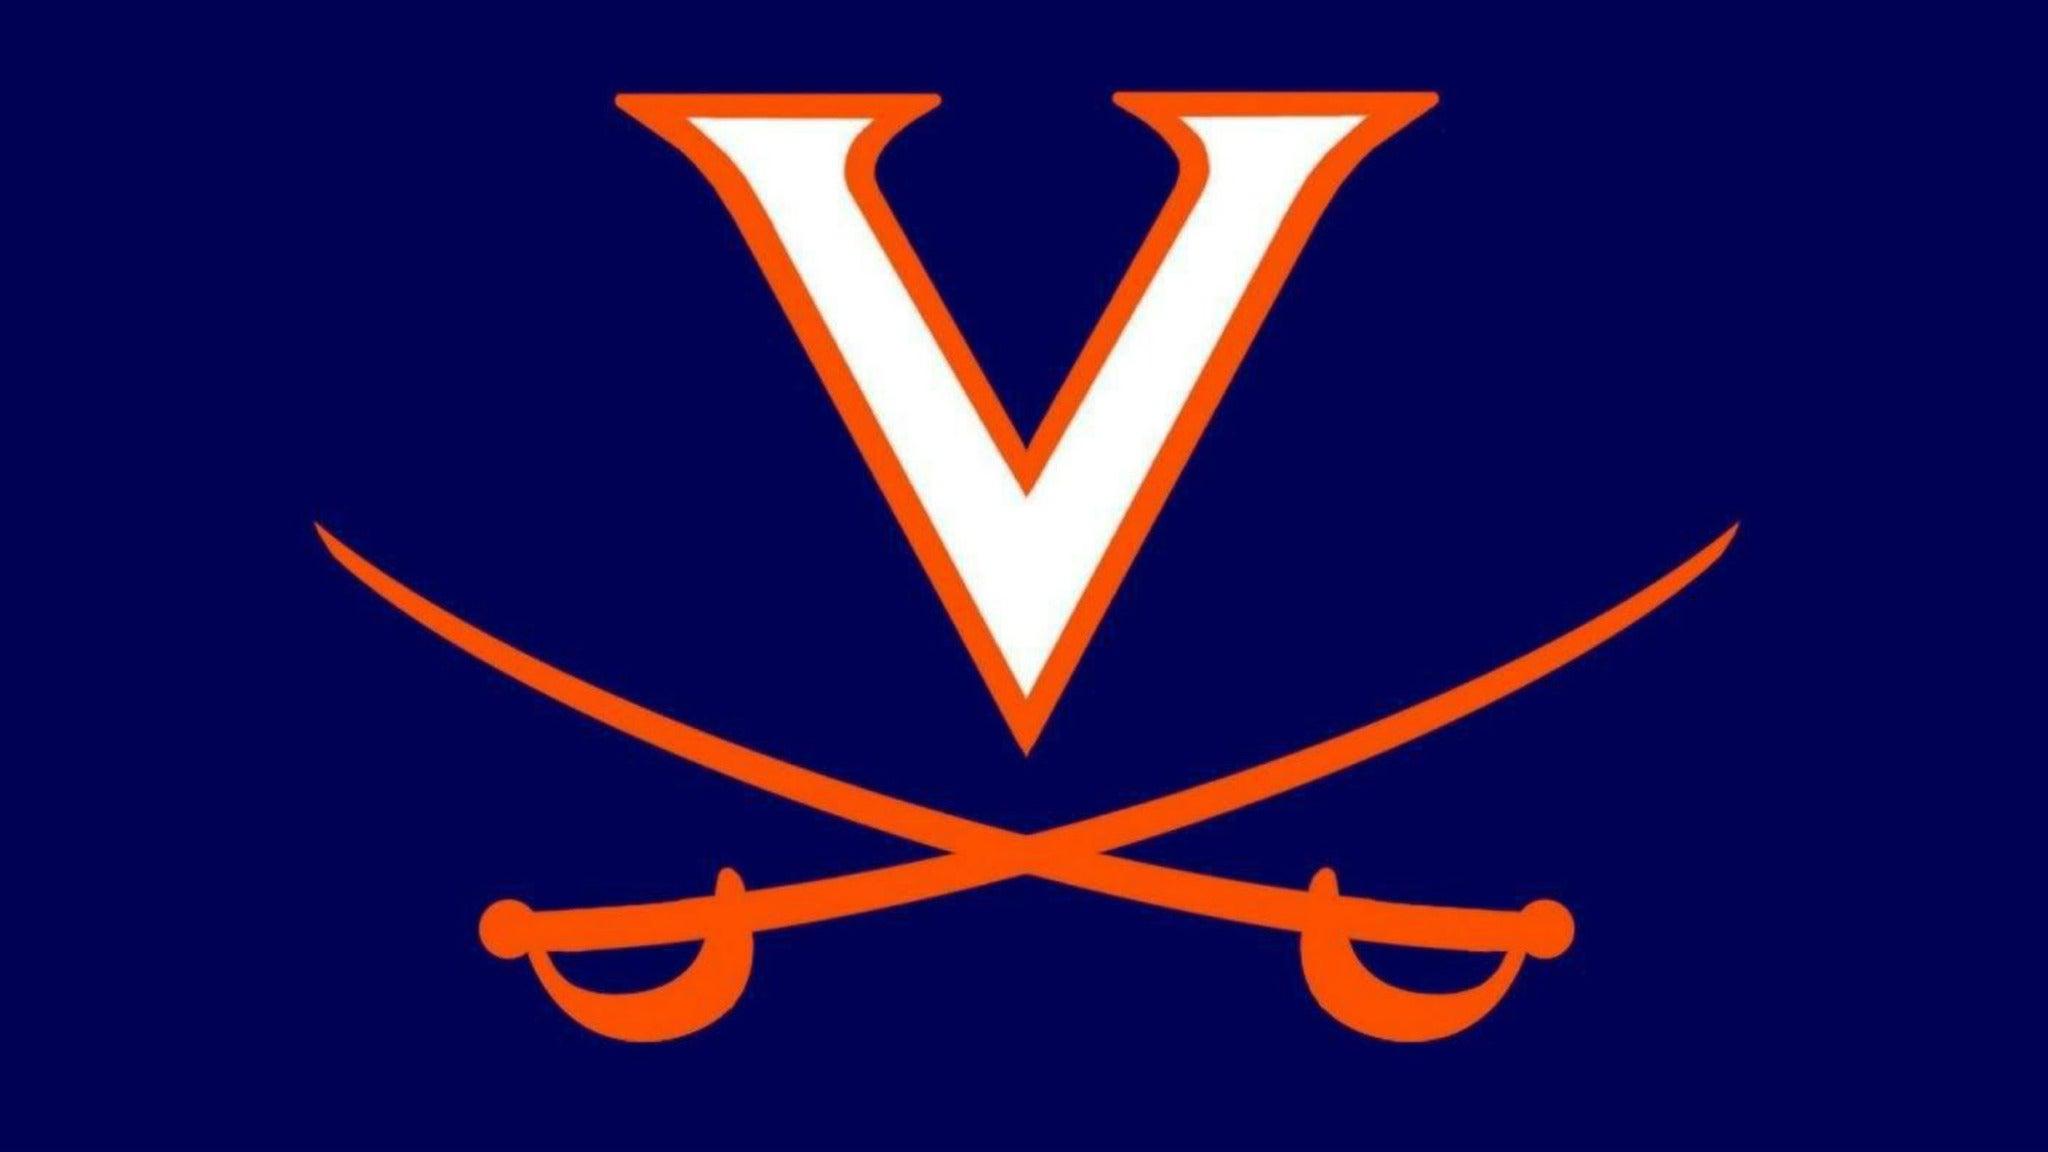 University of Virginia v University of Maryland